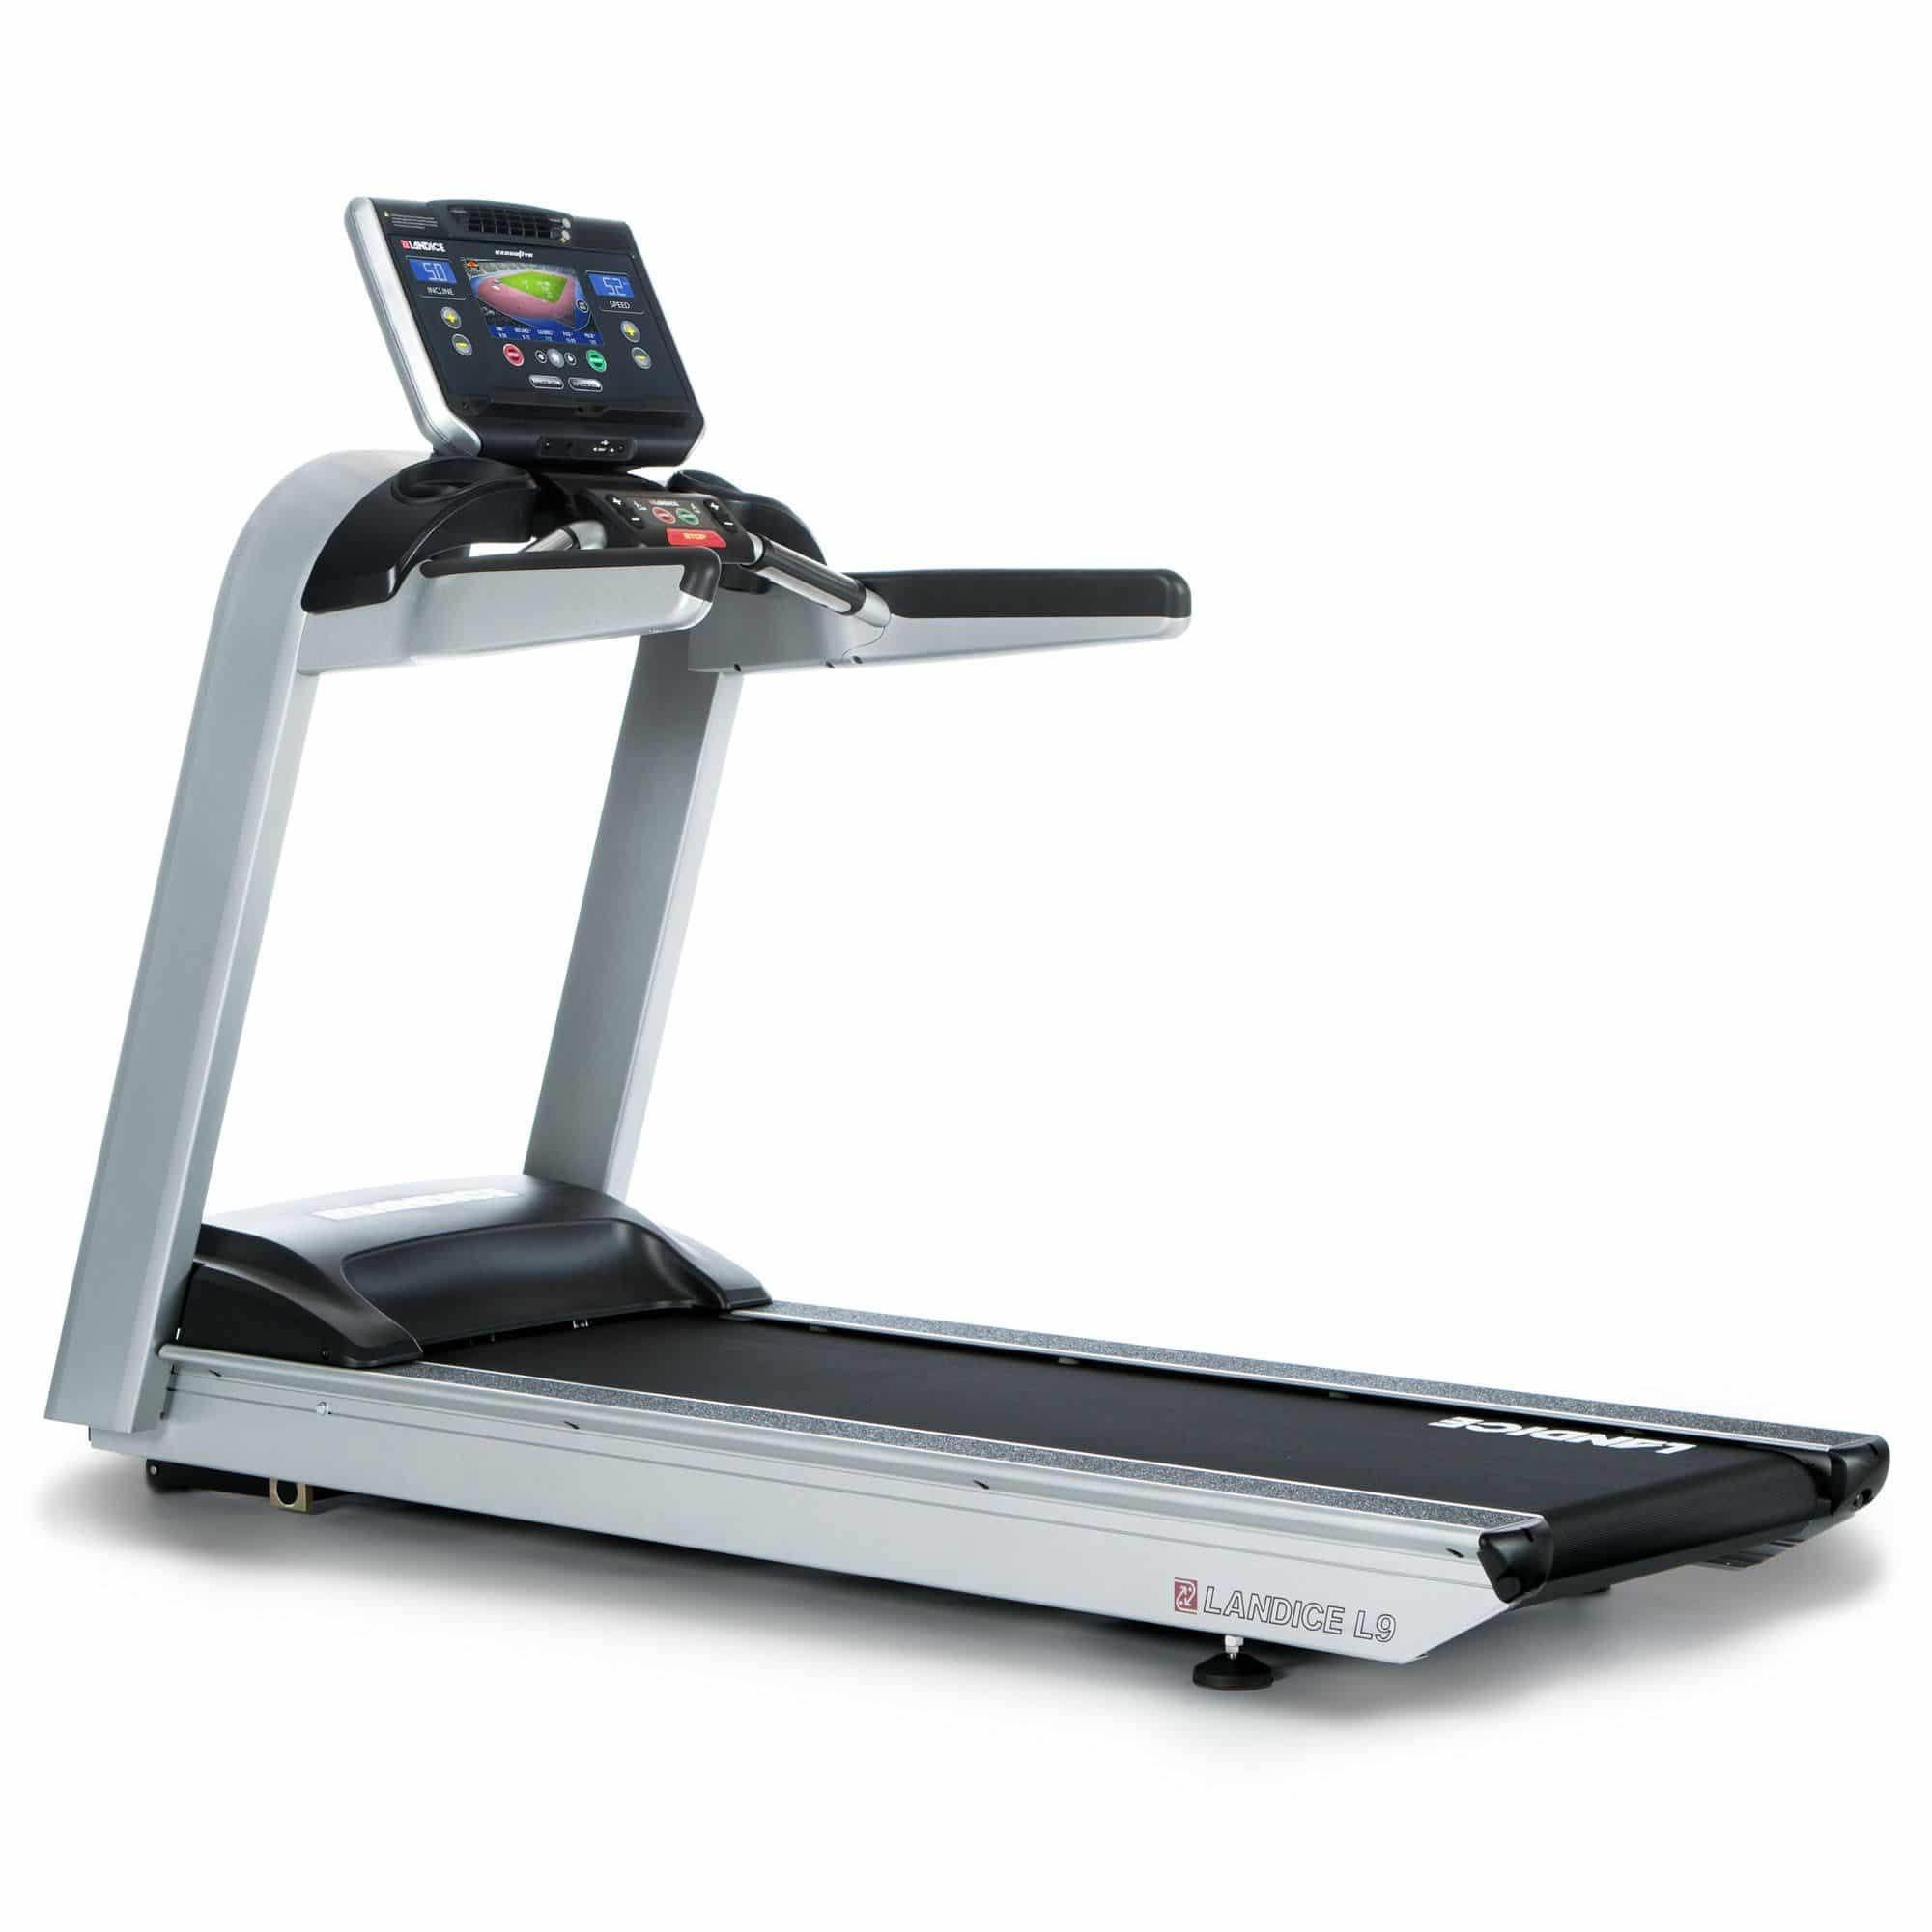 Landice L9 Treadmill